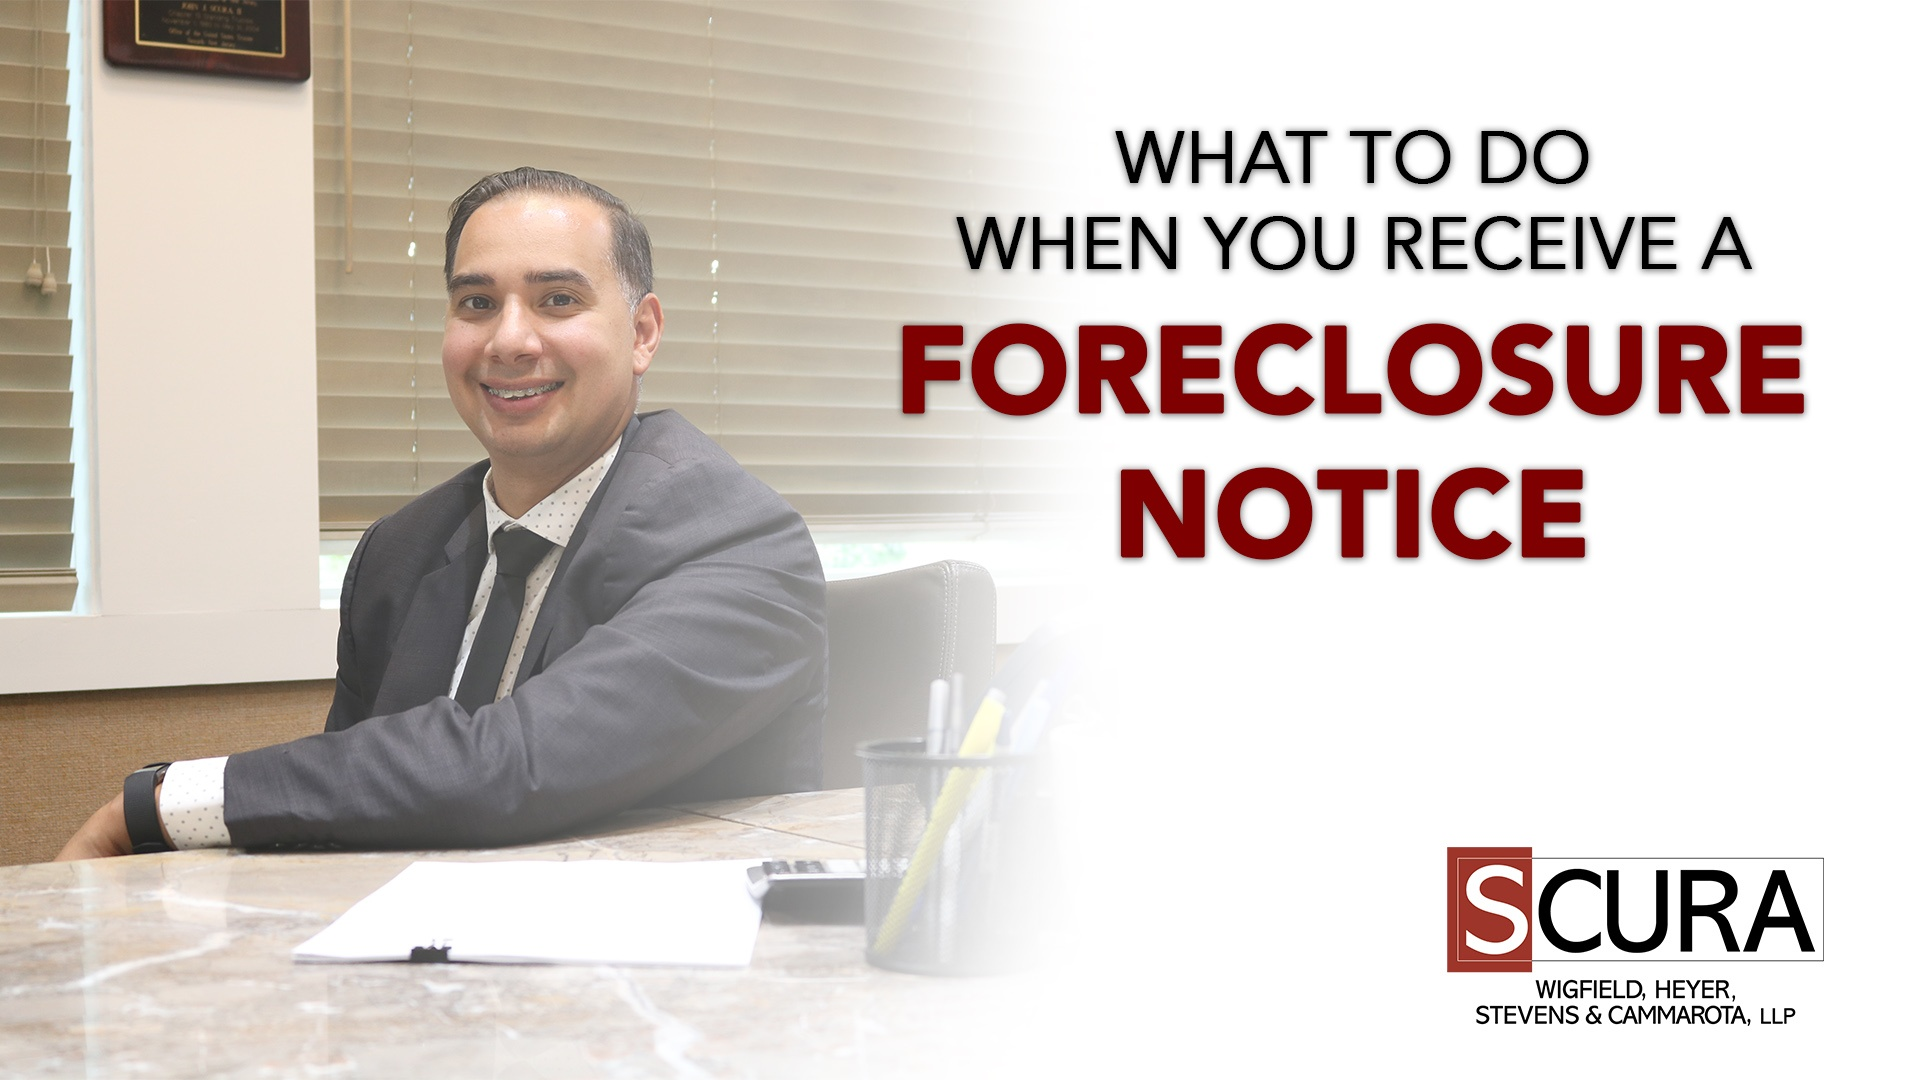 Foreclosure-notice.jpg